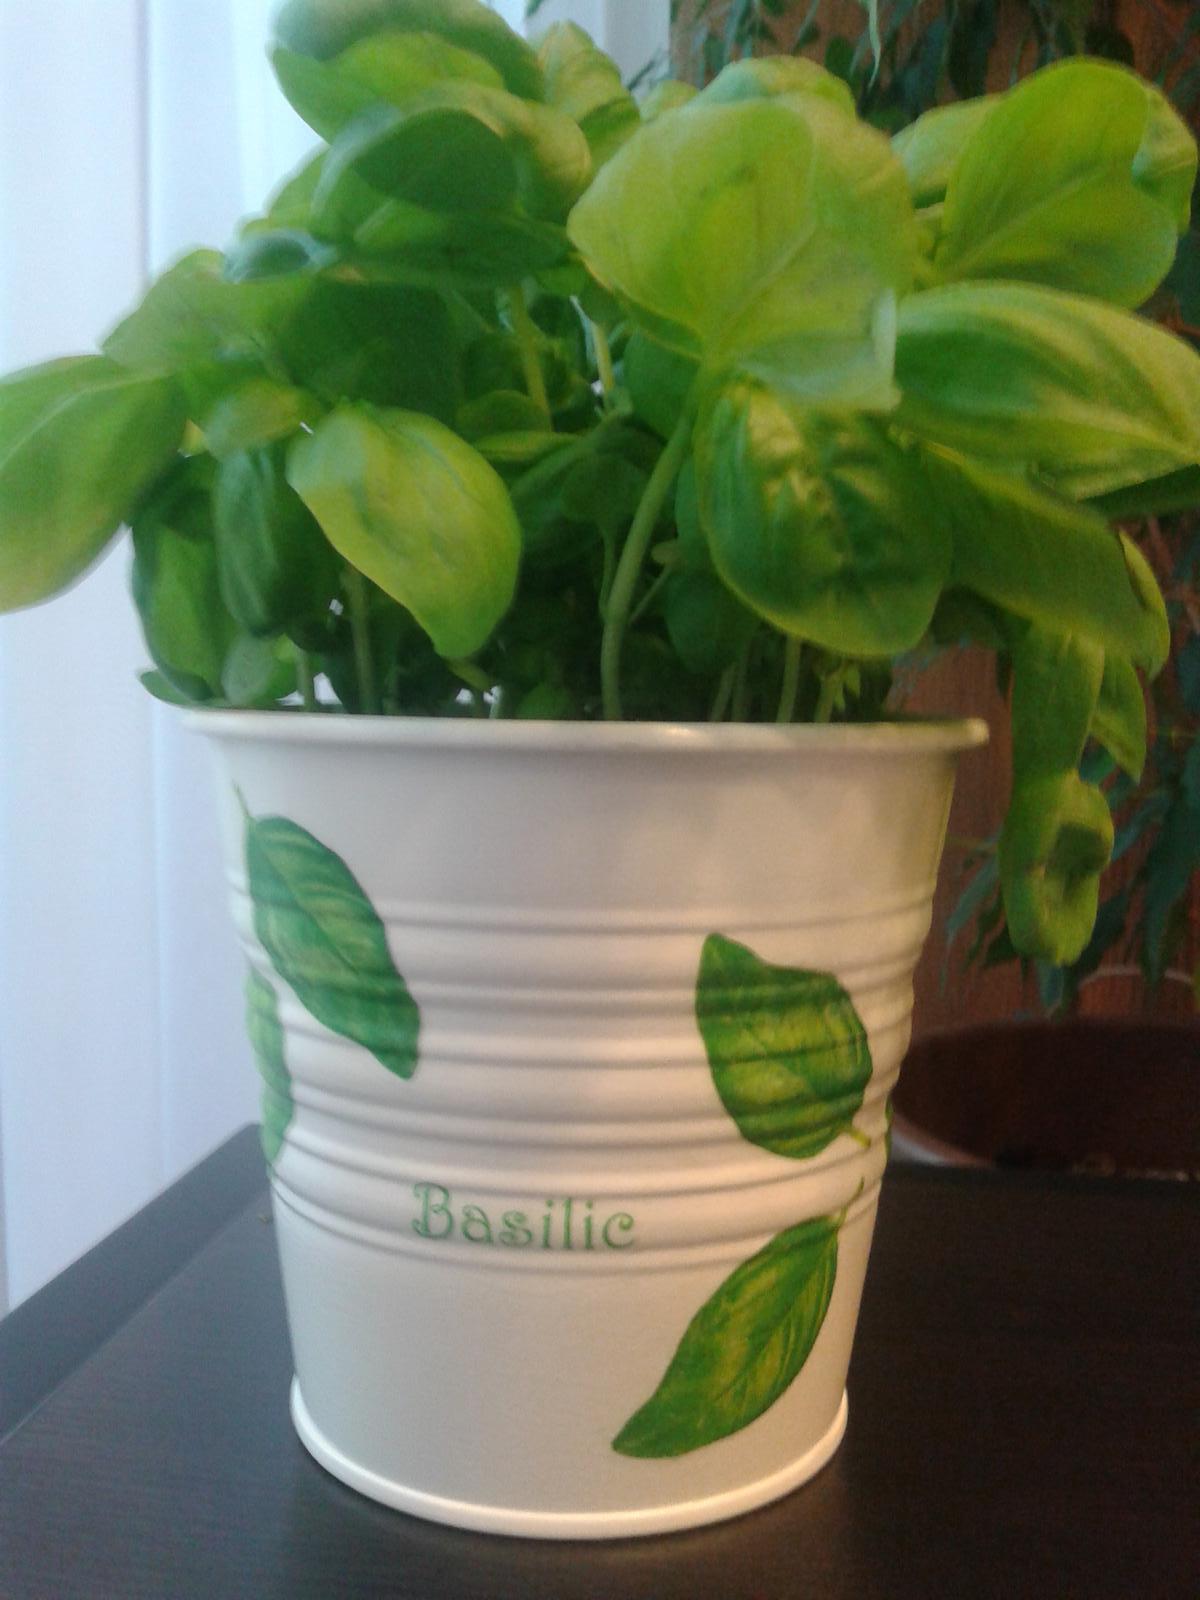 Moje výtvory - Květináč na bazalku - dárek pro kamarádku